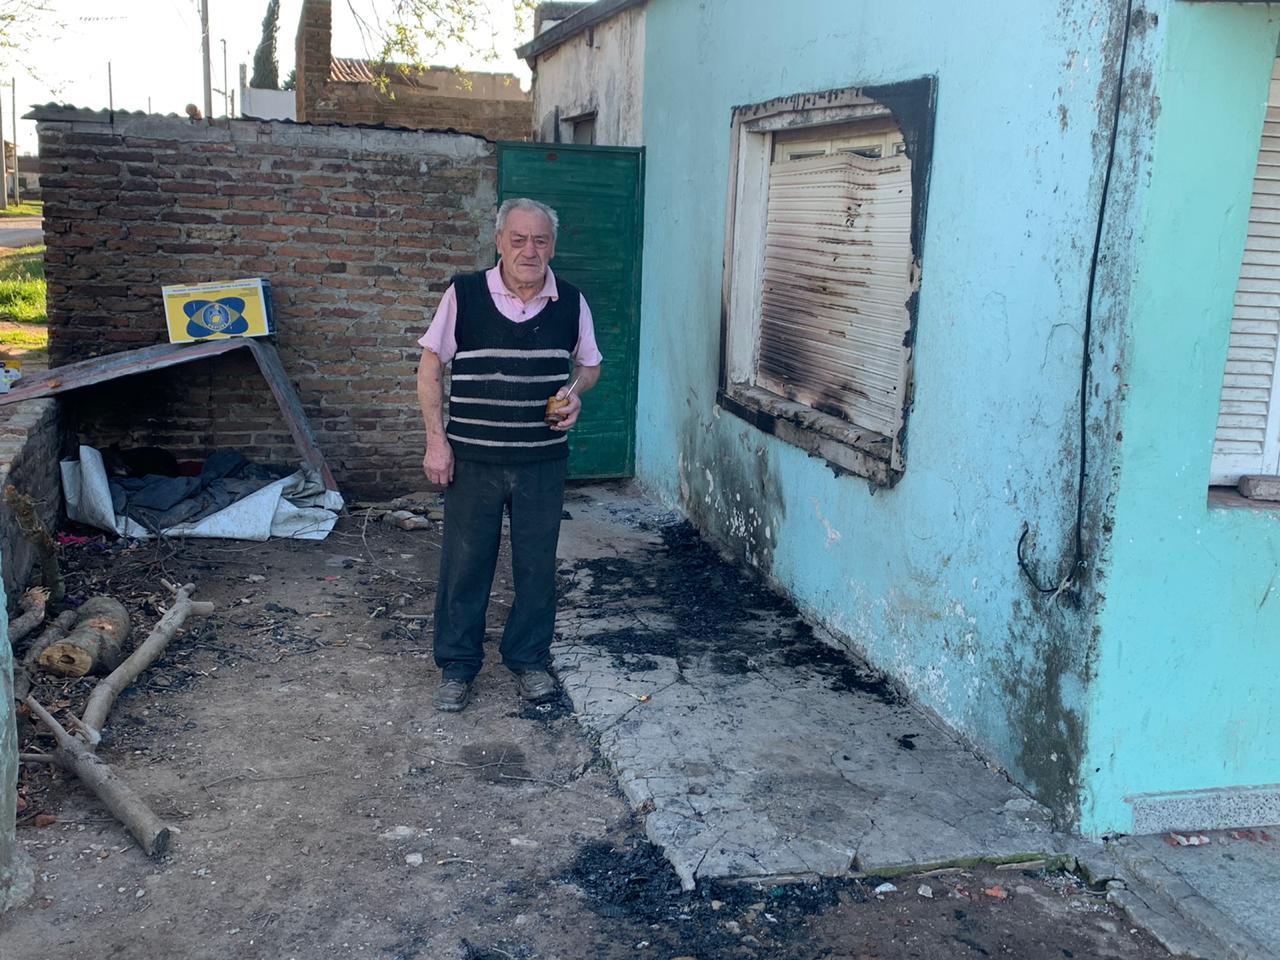 Incendio intencional en una casa de Tres Arroyos. El vecino pide Justicia